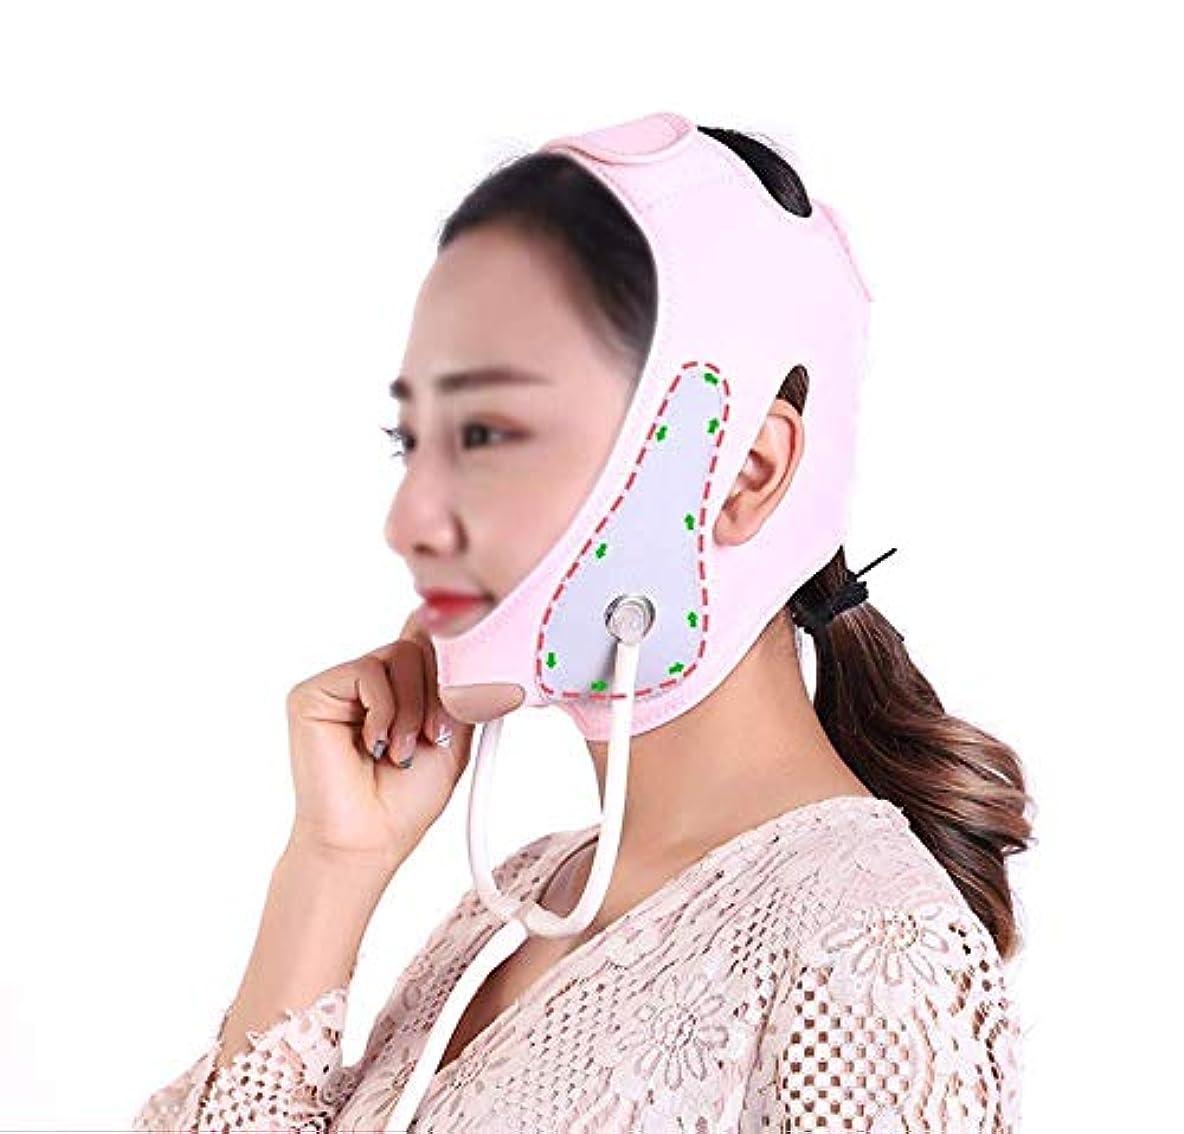 さらに値する熱フェイスアンドネックリフトポストエラスティックスリーブ薄いフェイスマスク引き締め肌の改善咬筋リフティング収縮薄いフェイス弾性包帯Vフェイスアーティファクト